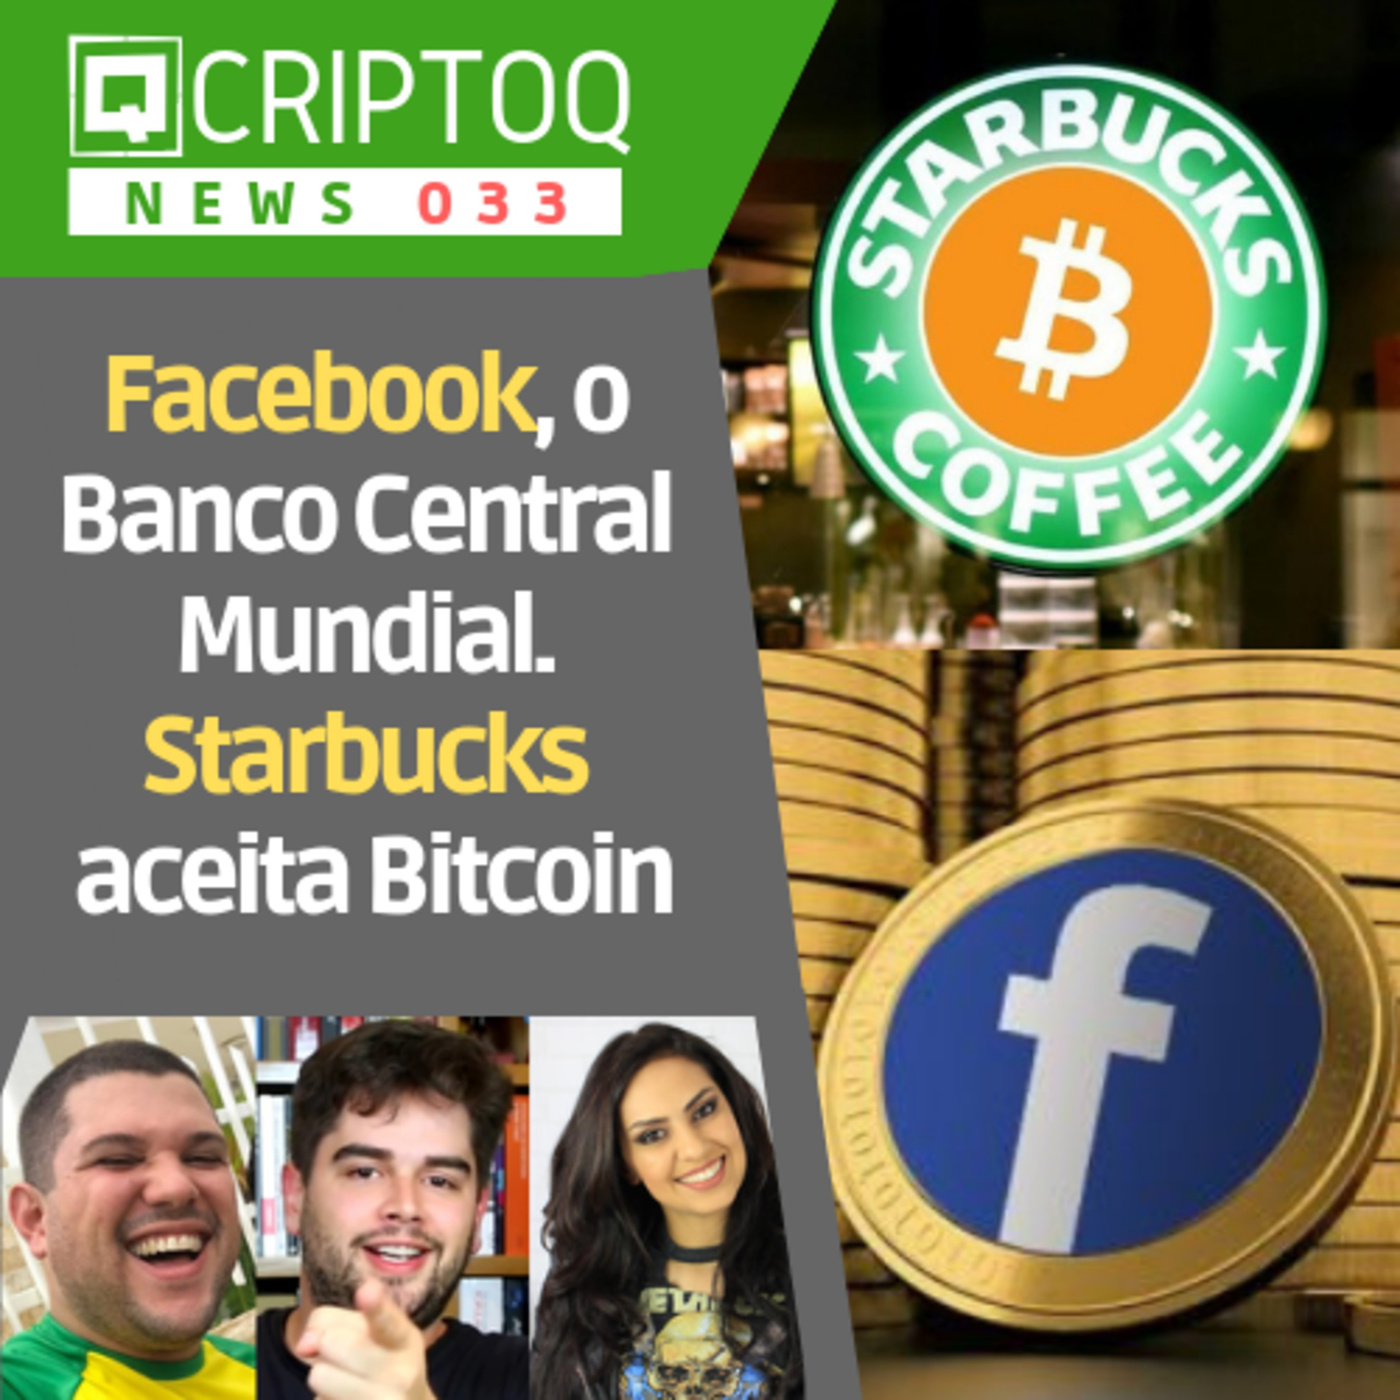 Facebook será o Banco Central Mundial e Starbucks vai aceitar Bitcoin por causa da Bakkt | CriptoQ News 033